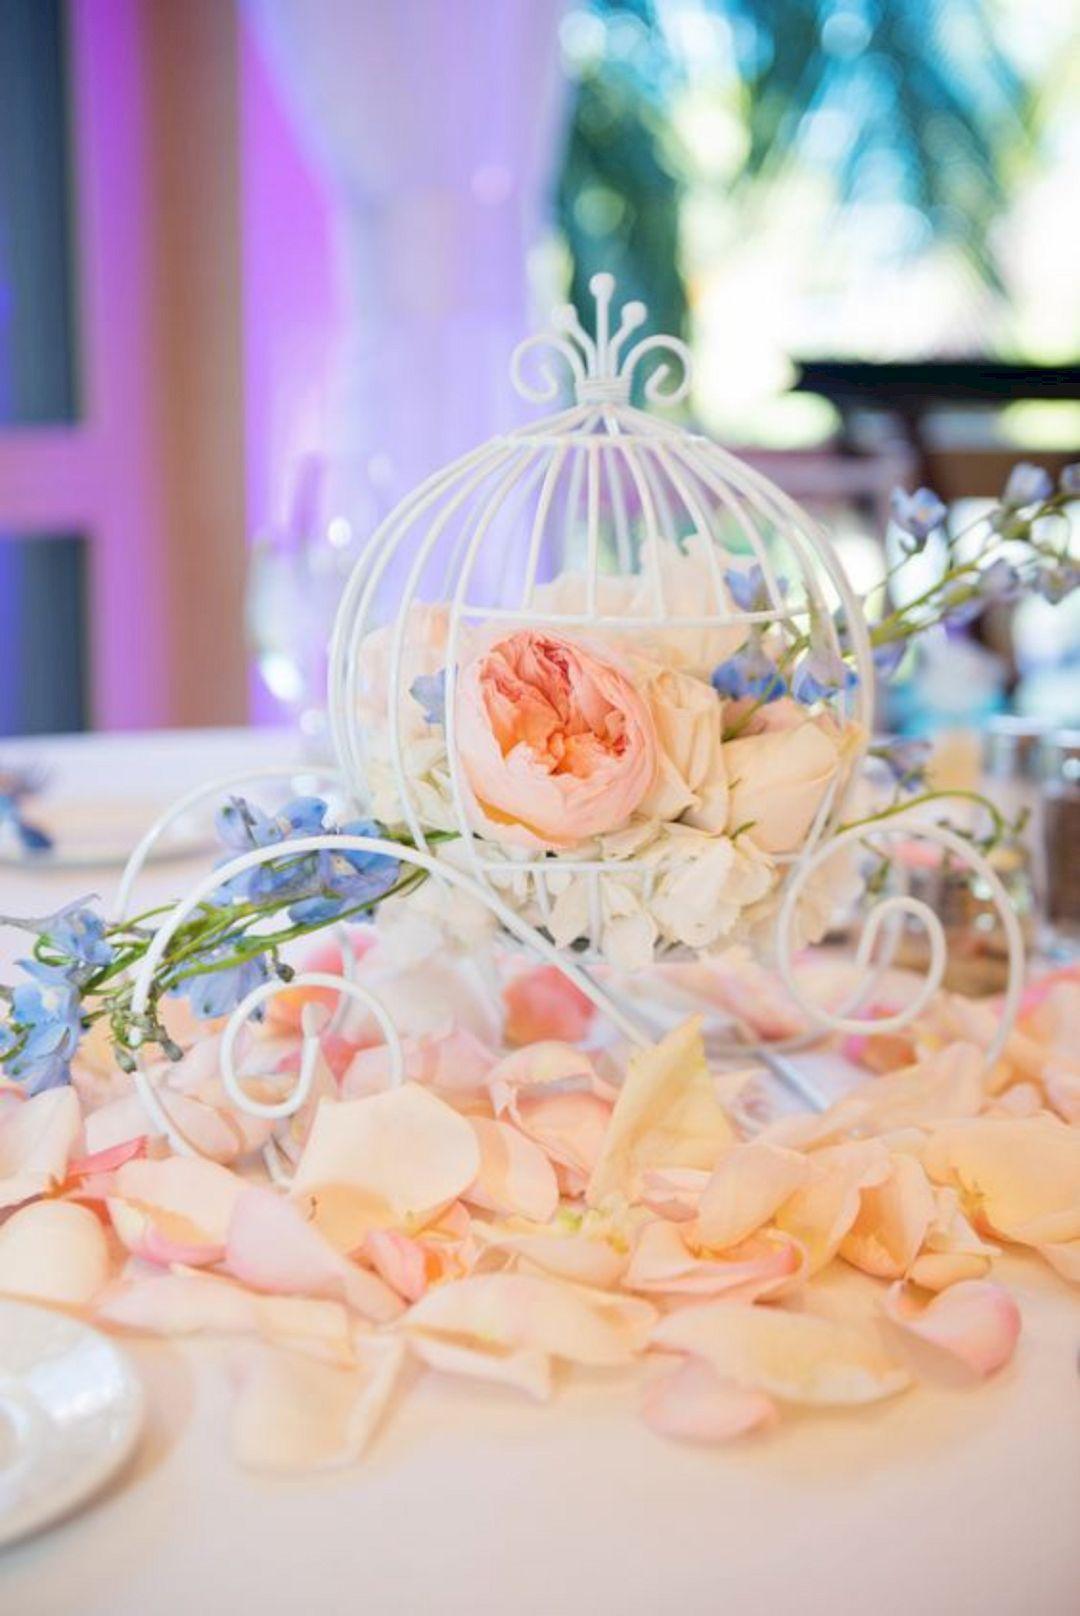 Matrimonio Tema La Bella E La Bestia : La bella e la bestia wedding inspiration